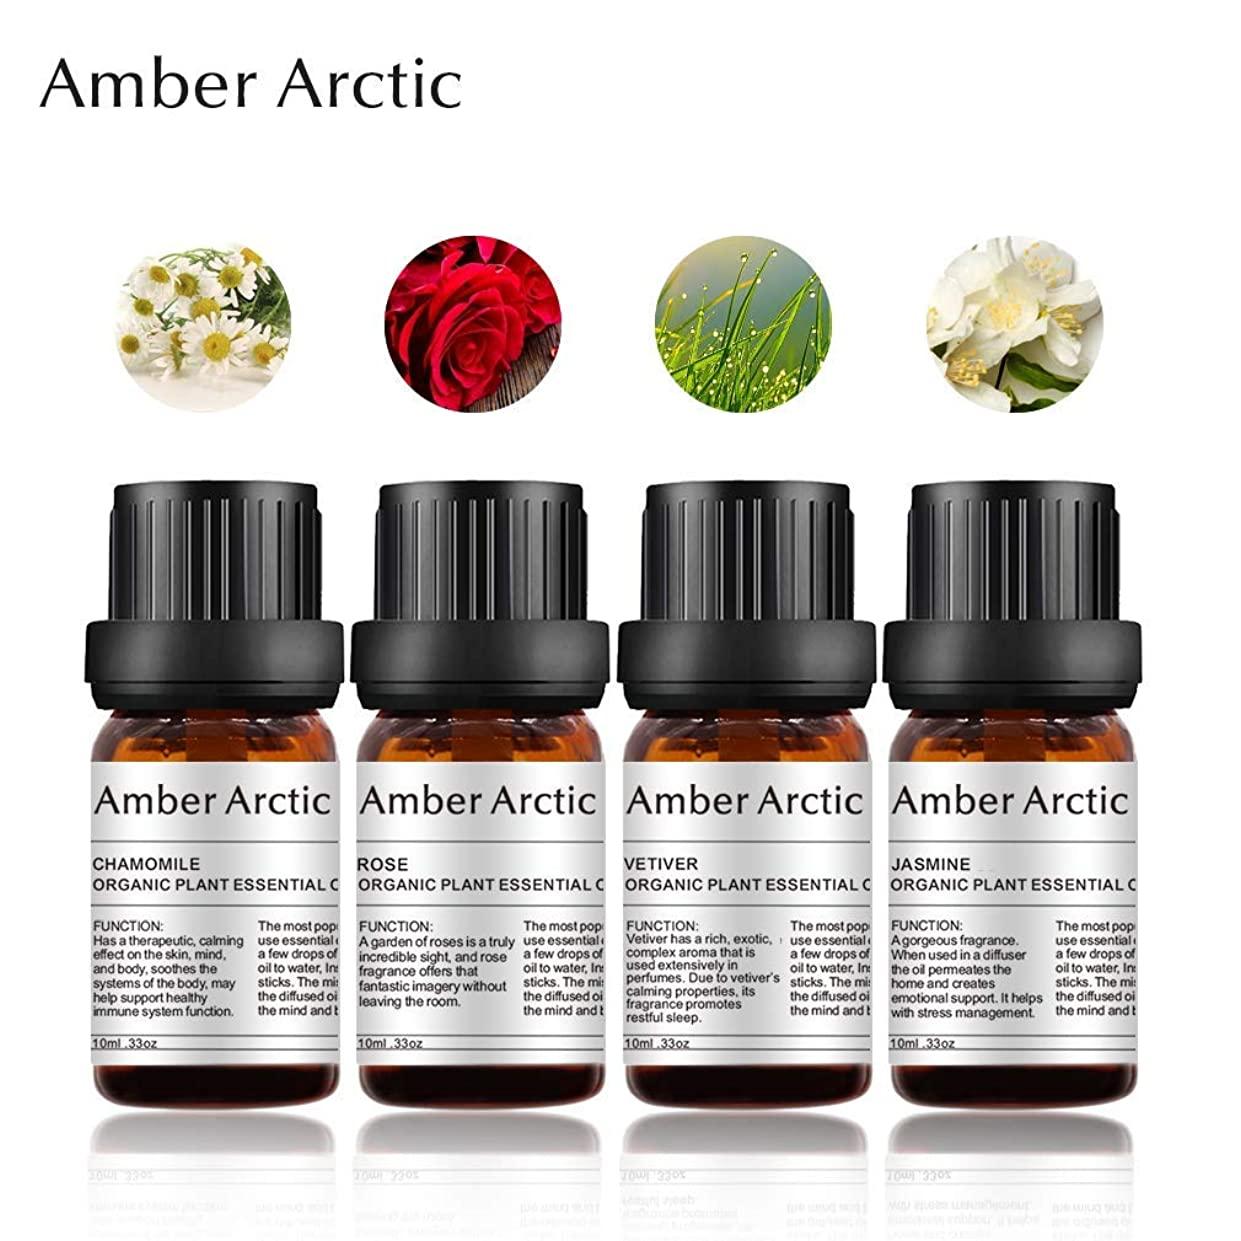 ワーカー優勢発揮するAmber Arctic 4 パック 精油 セット、 100% 純粋 天然 アロマ 最良 治療 グレード エッセンシャル オイル (ジャスミン、 ベチバー、 ローズ、 カモミール)